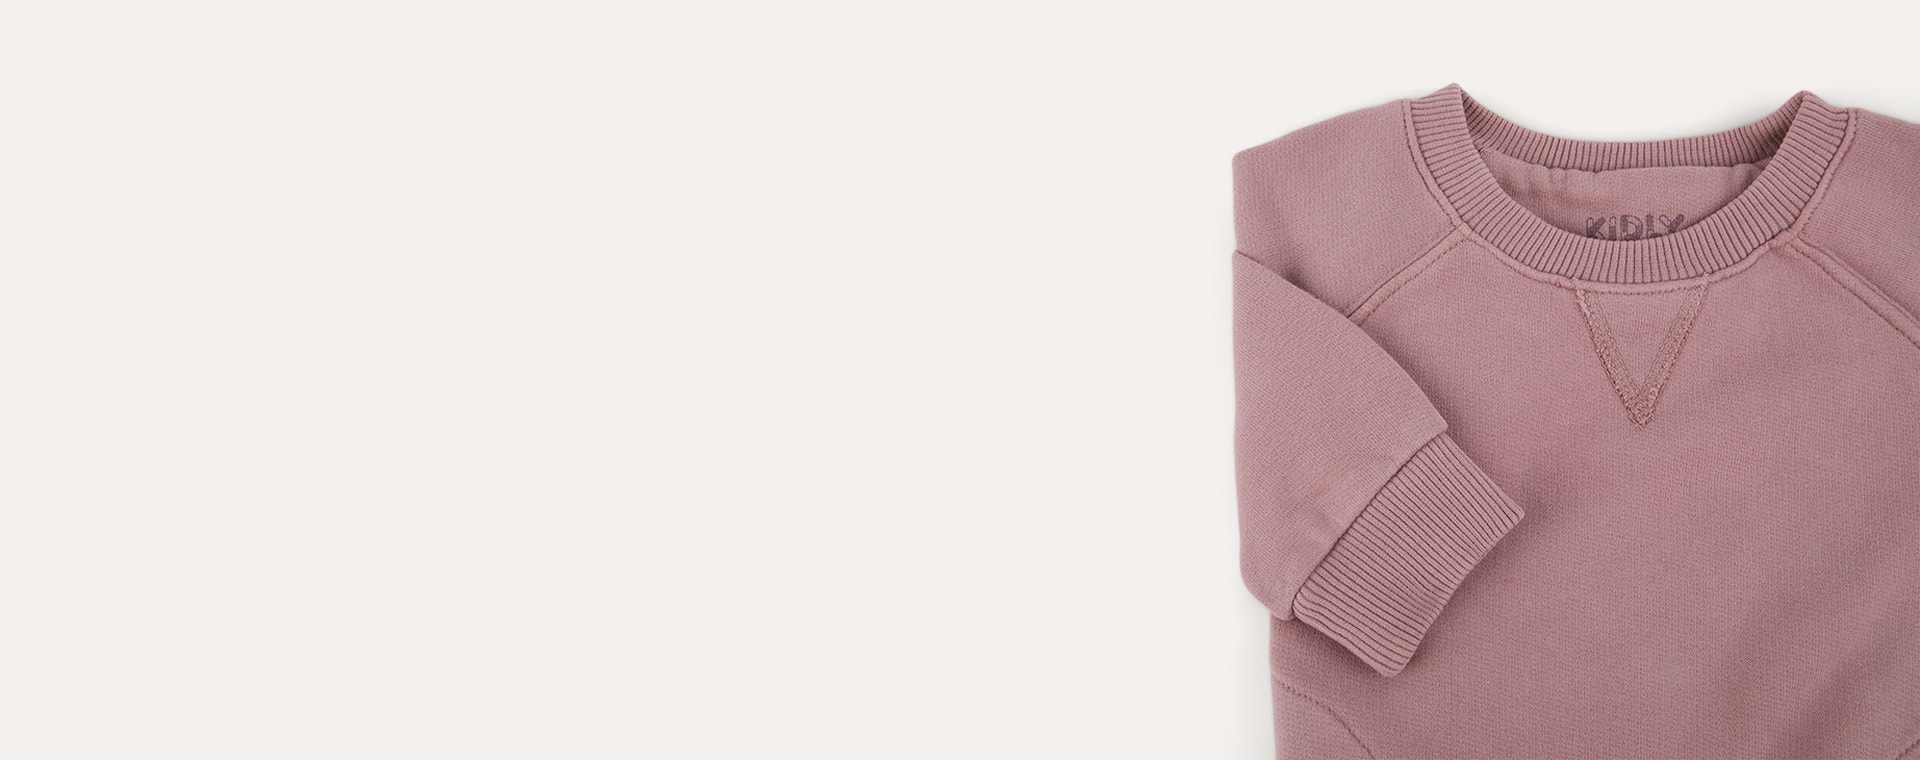 Wood Rose KIDLY Label Pocket Sweatshirt